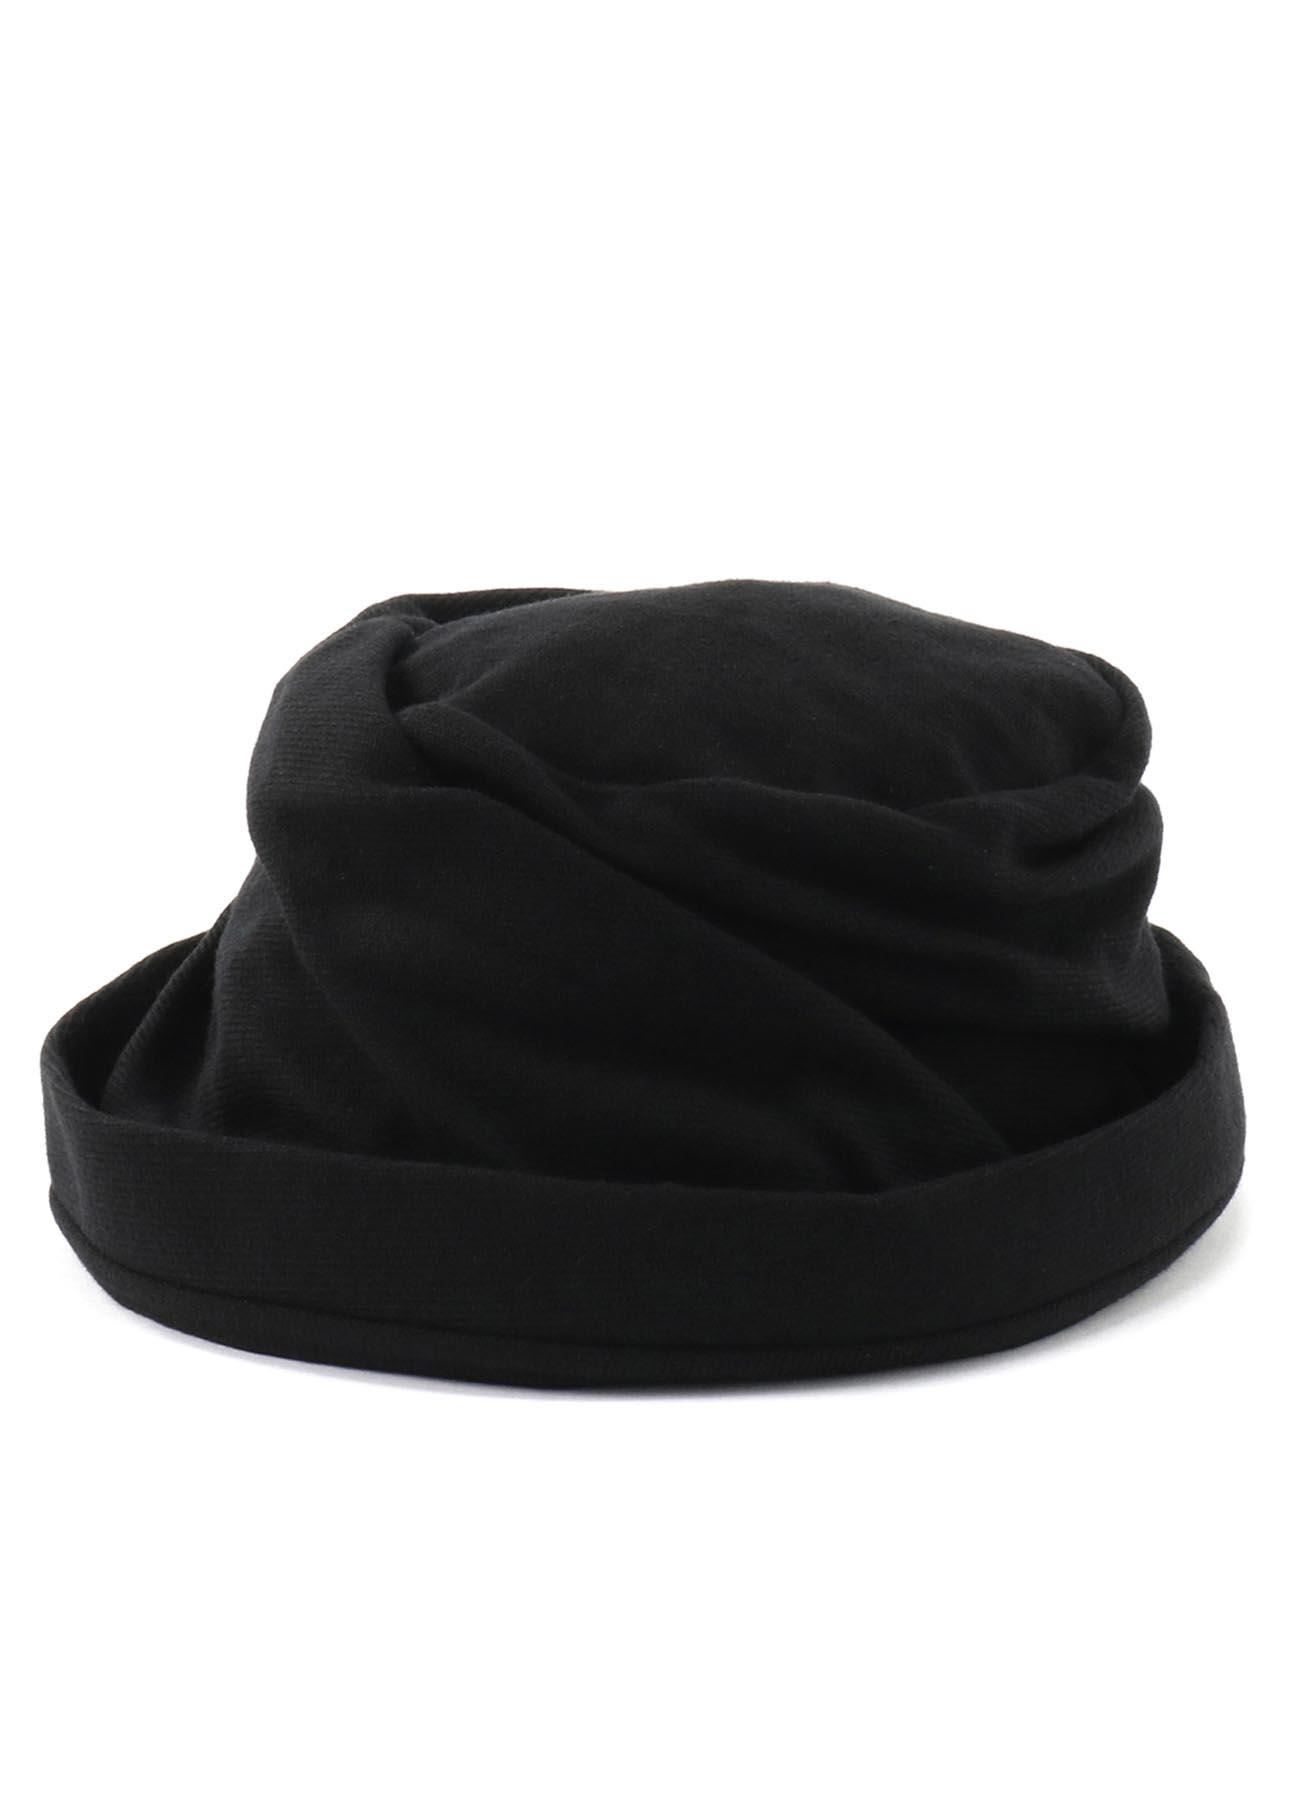 羊毛混纺短檐帽